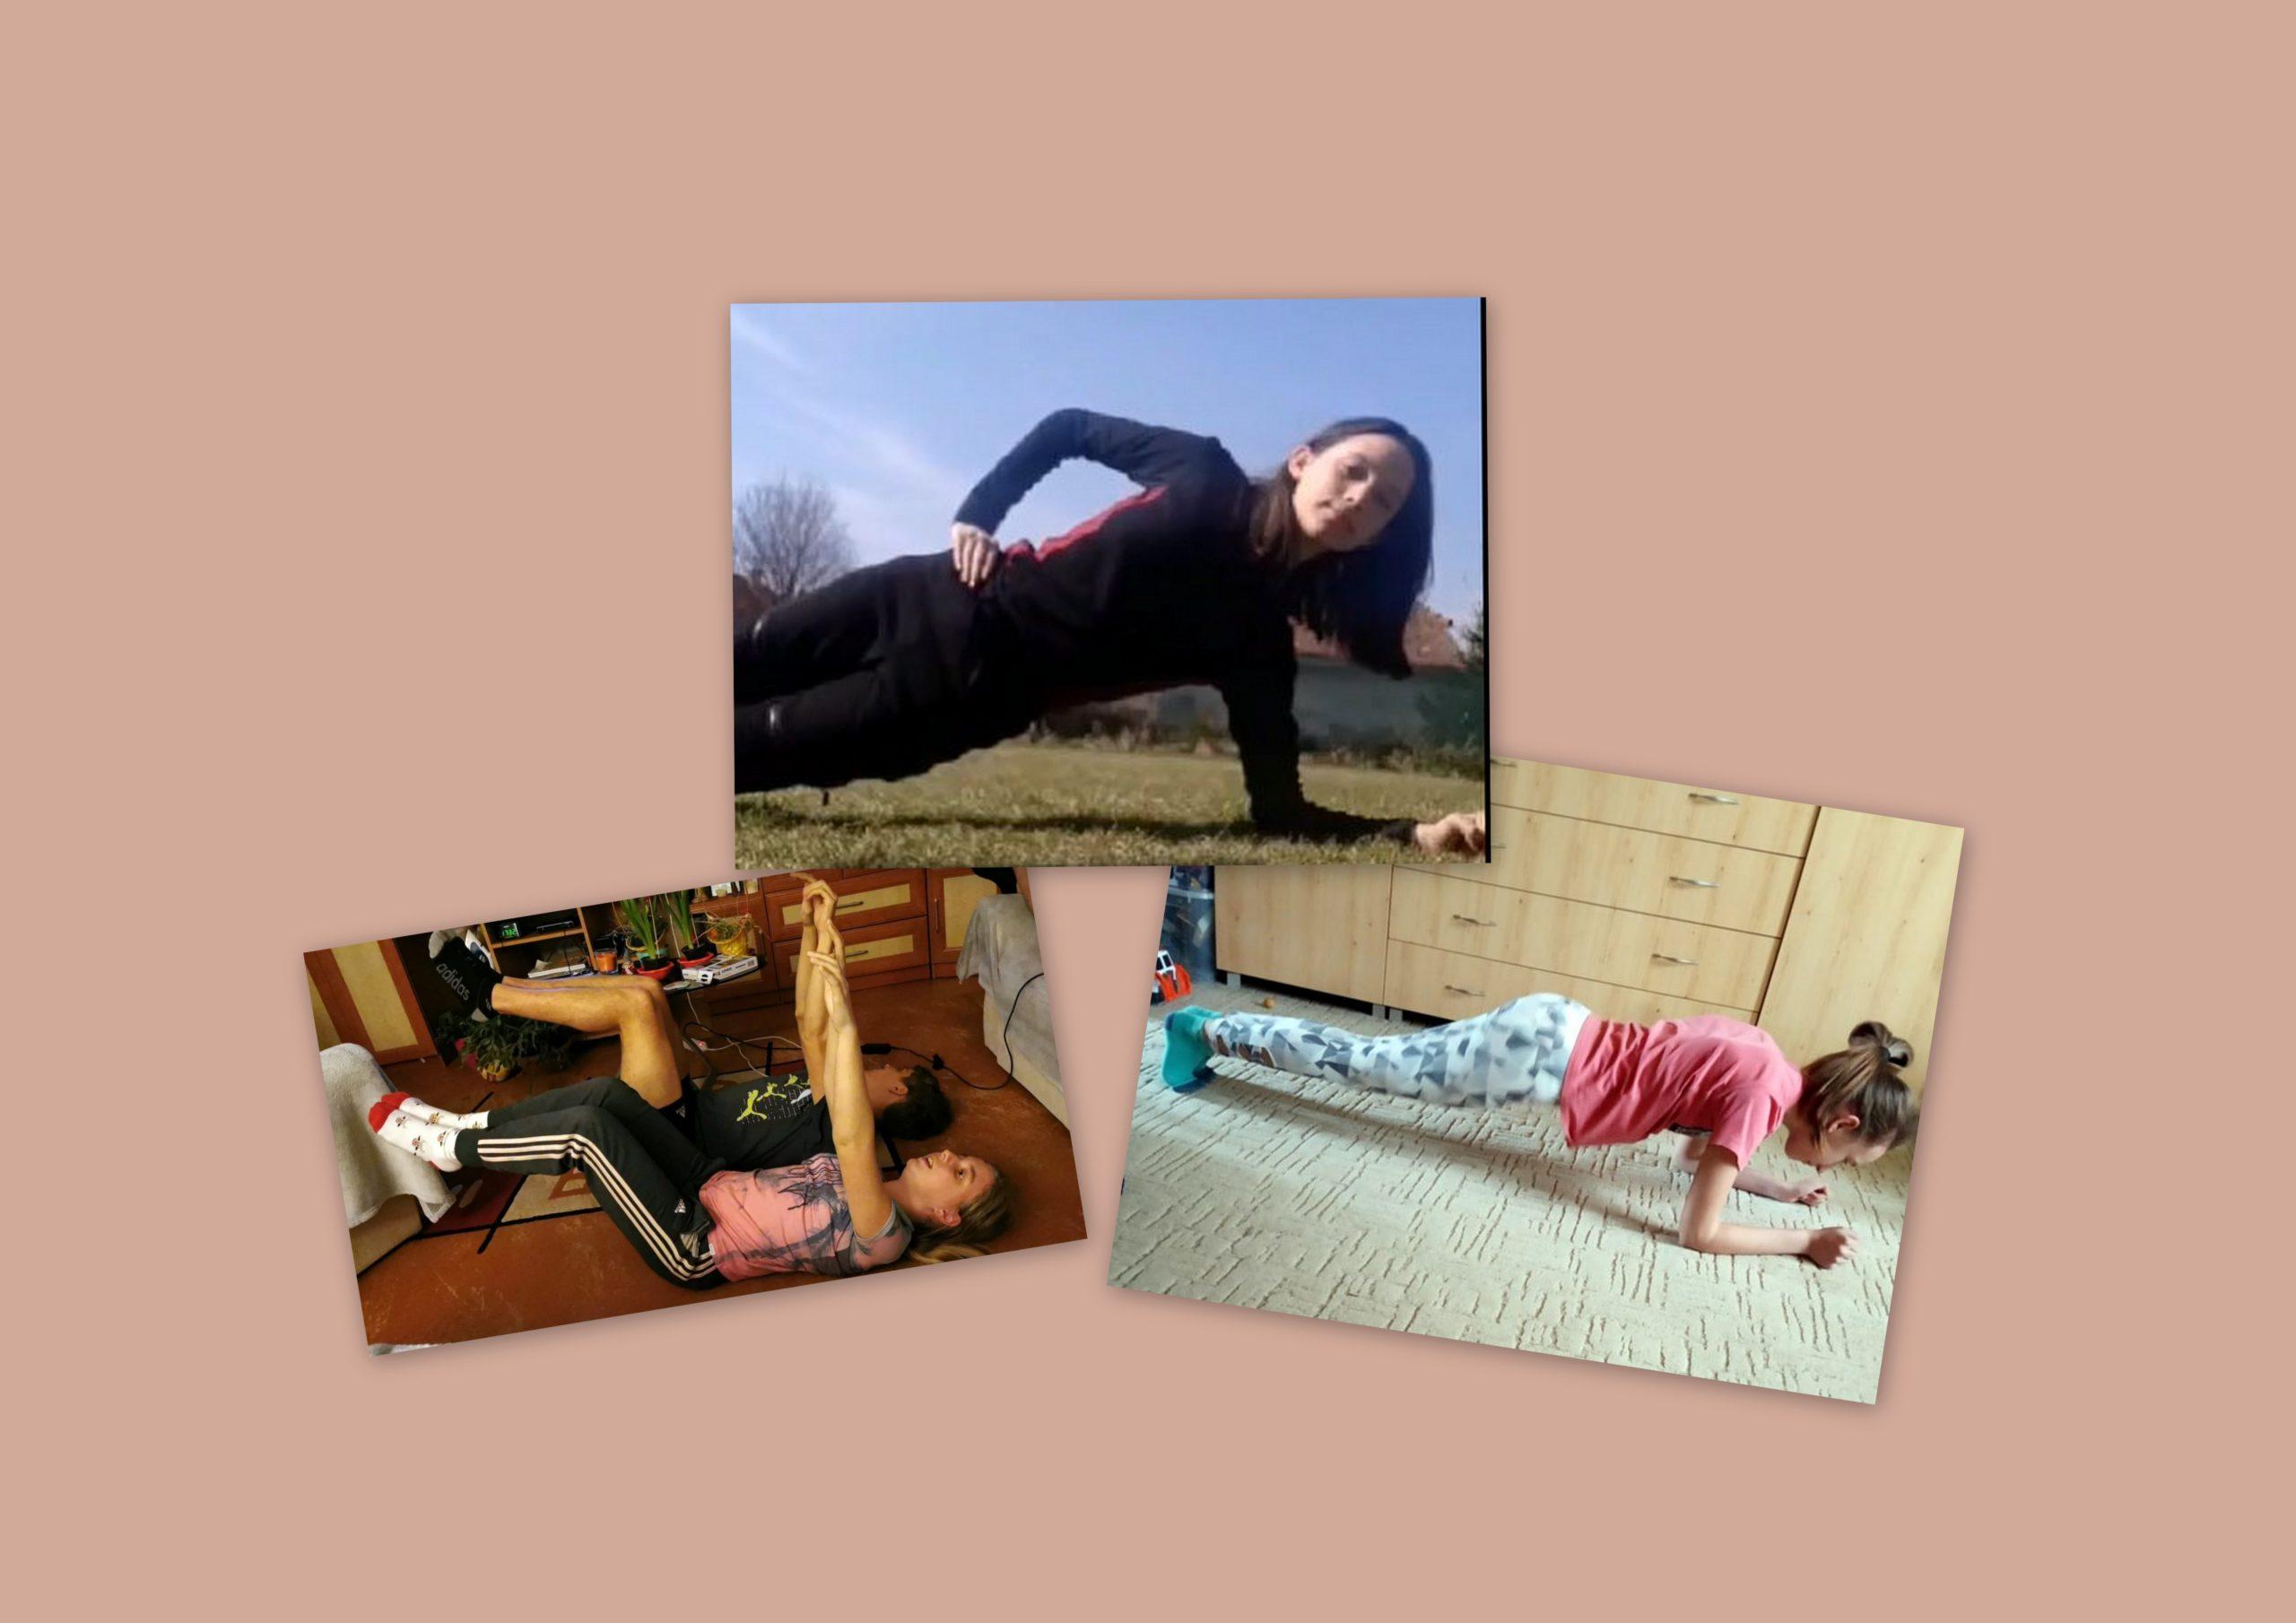 U14 leány – Lányaink sem tétlenkednek a kényszerszünet alatt